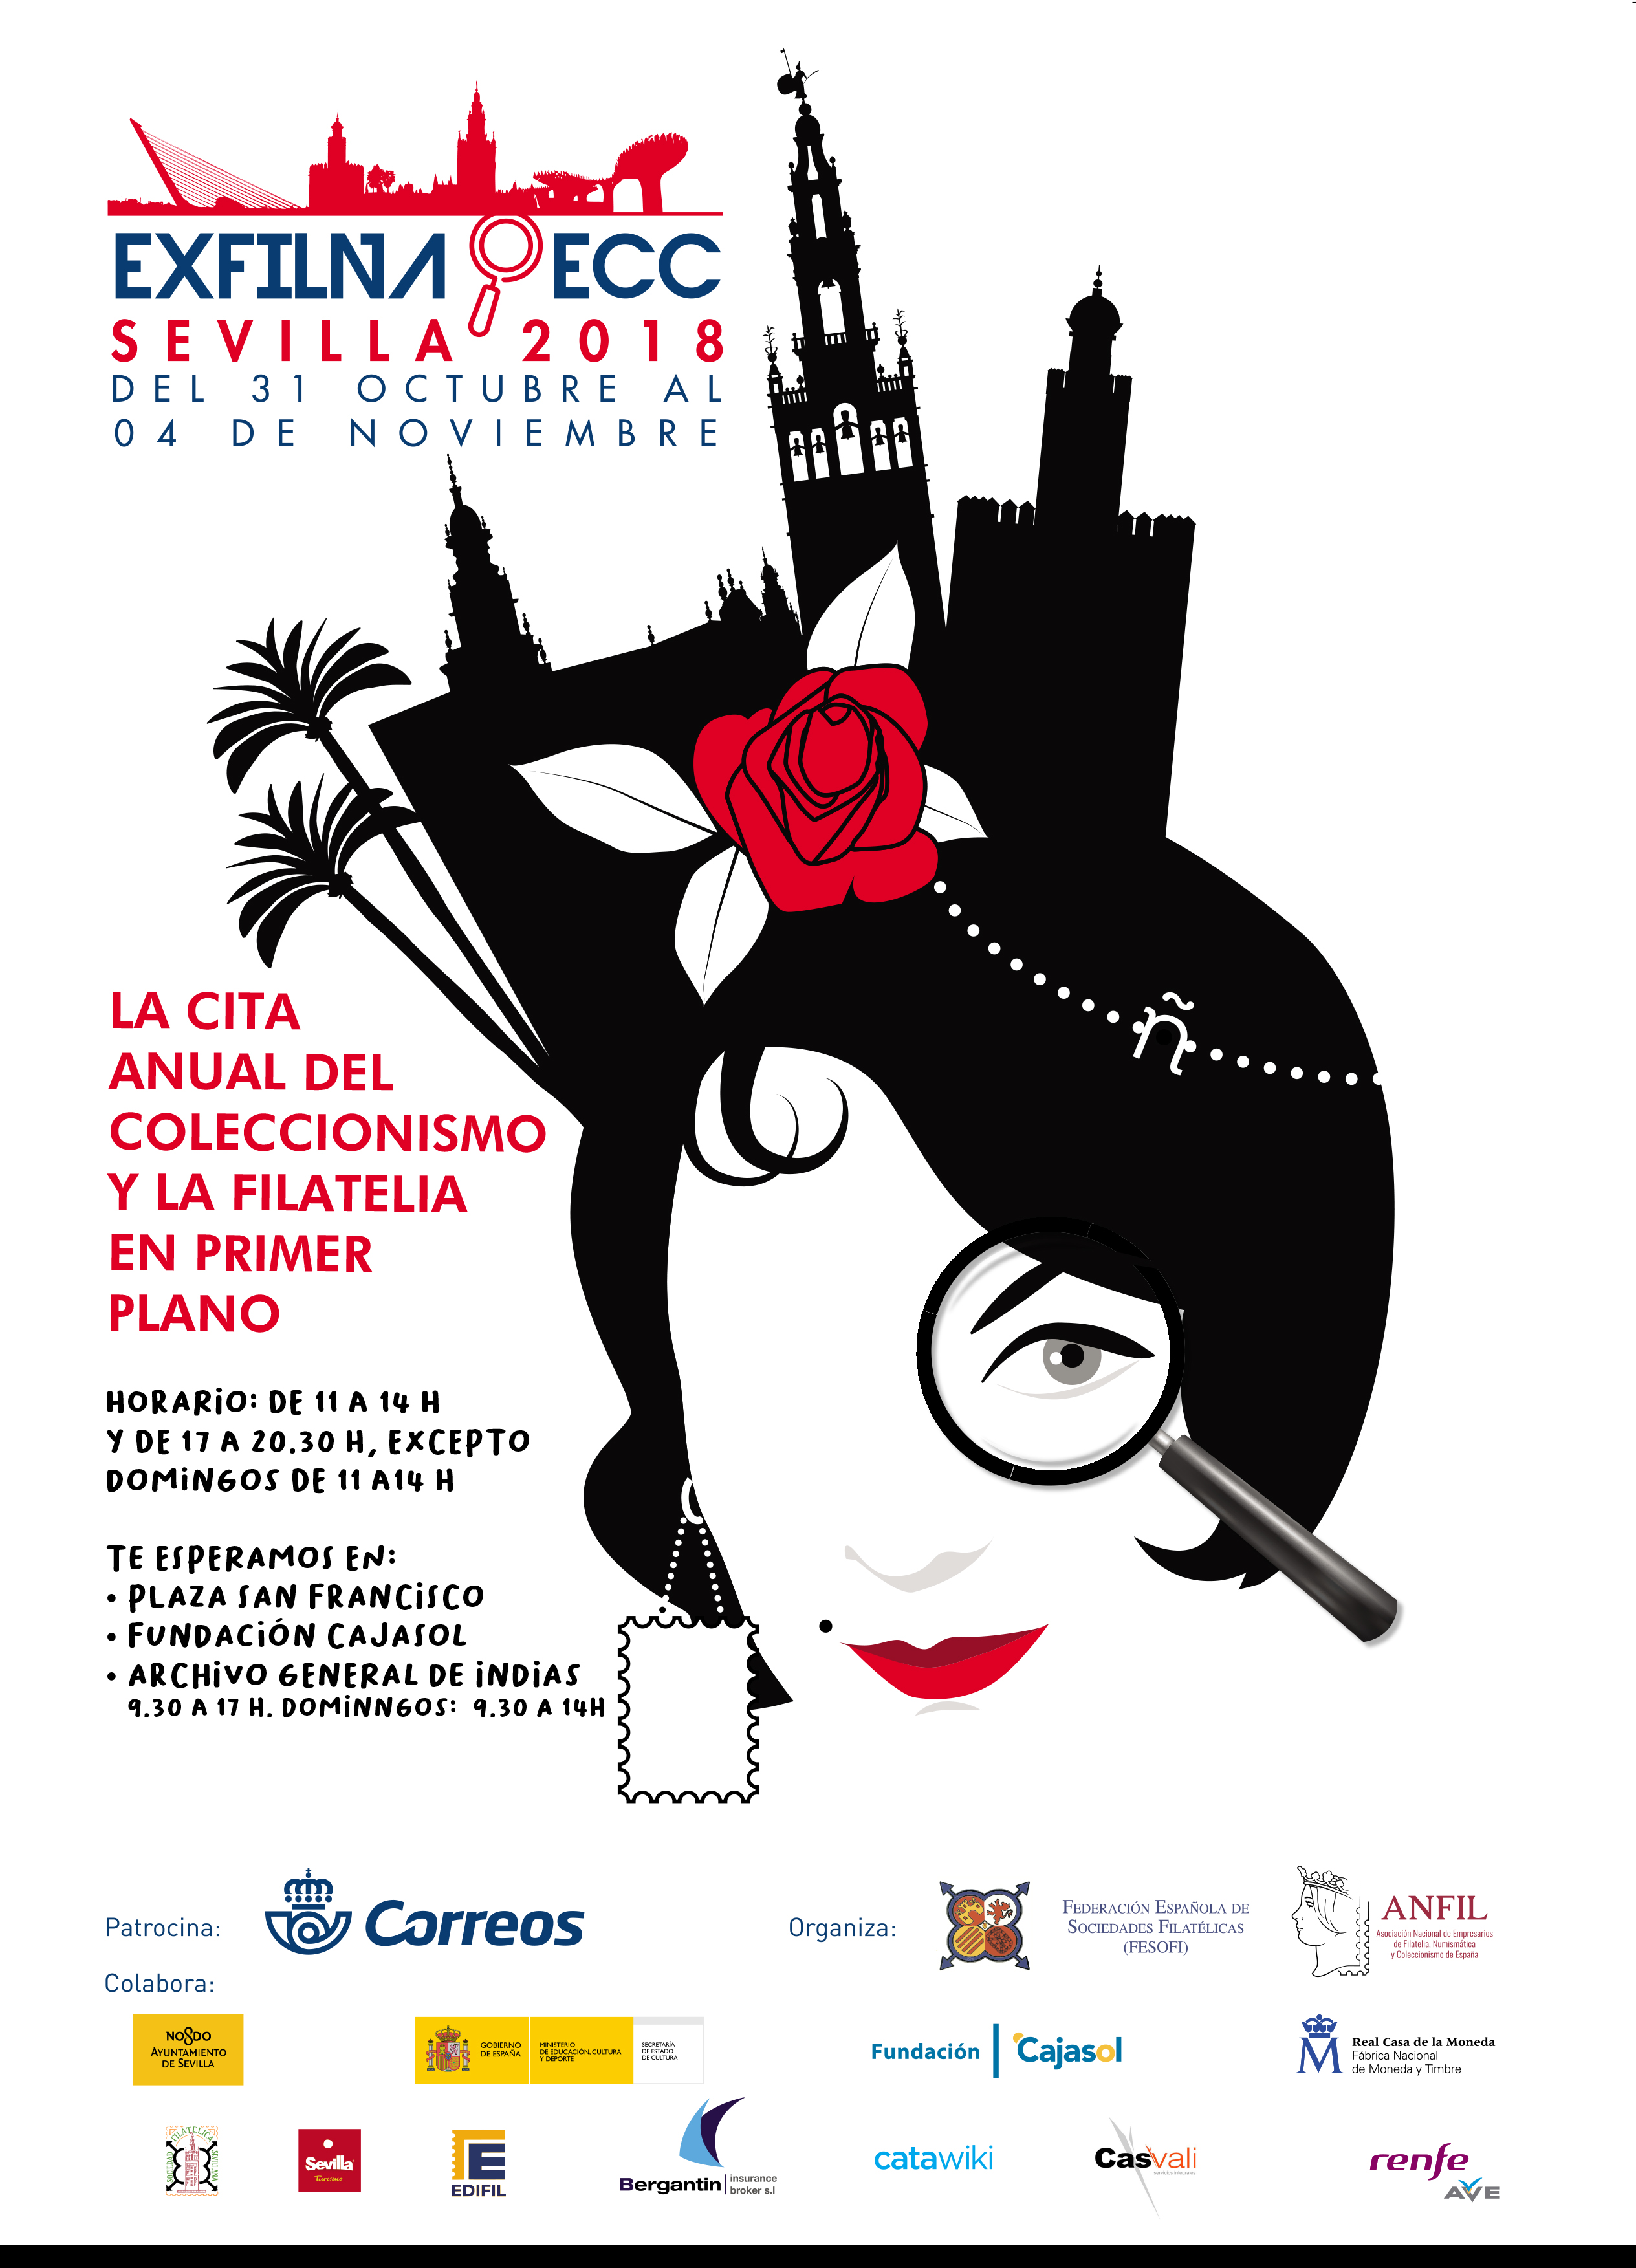 Hora de empezar a preparar el viaje a la EXFILNA - ECC de Sevilla 2018